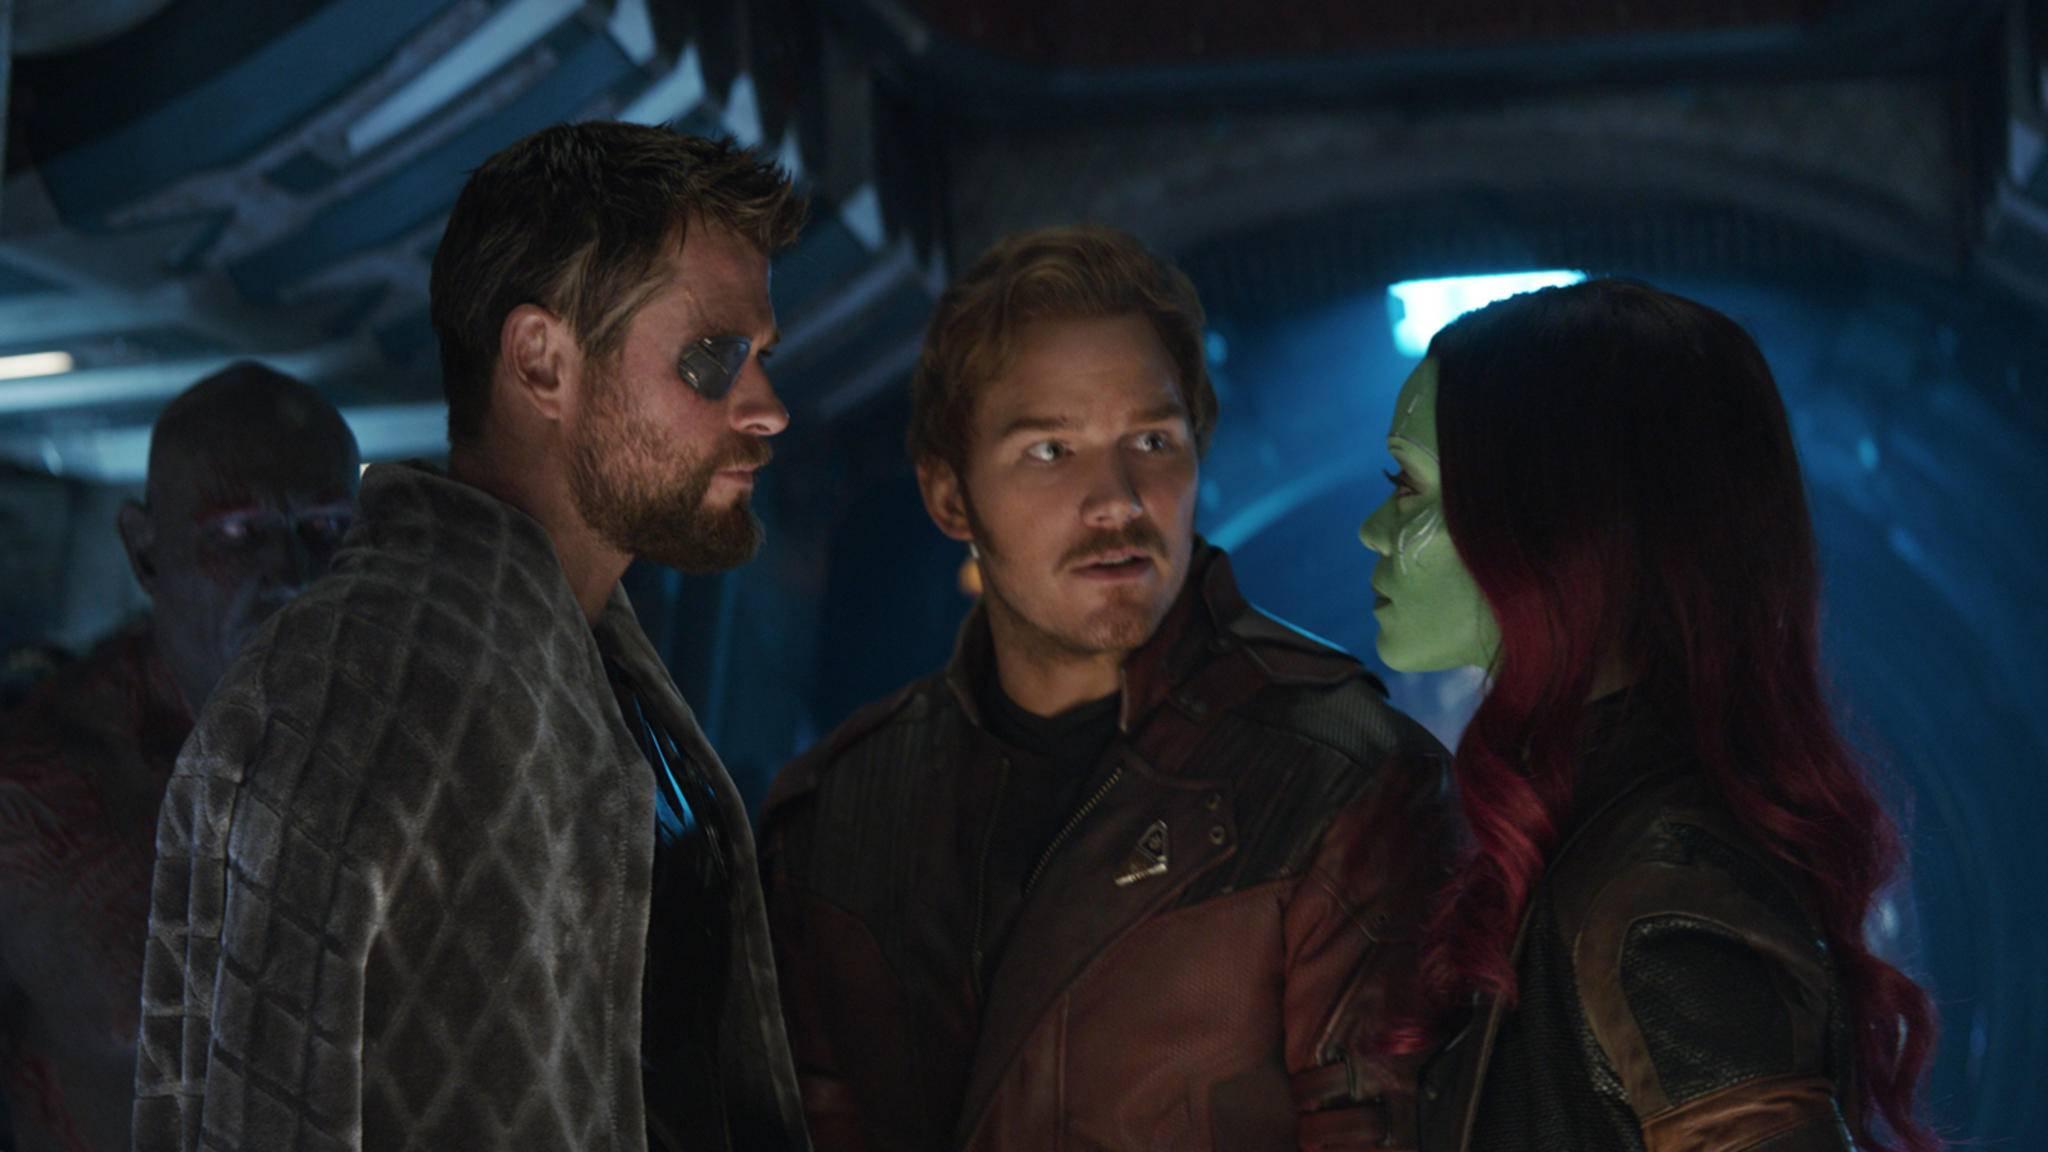 Nicht alle Stunts werden von den Marvel-Stars selbst gedreht. Doch wer sind ihre Doubles?